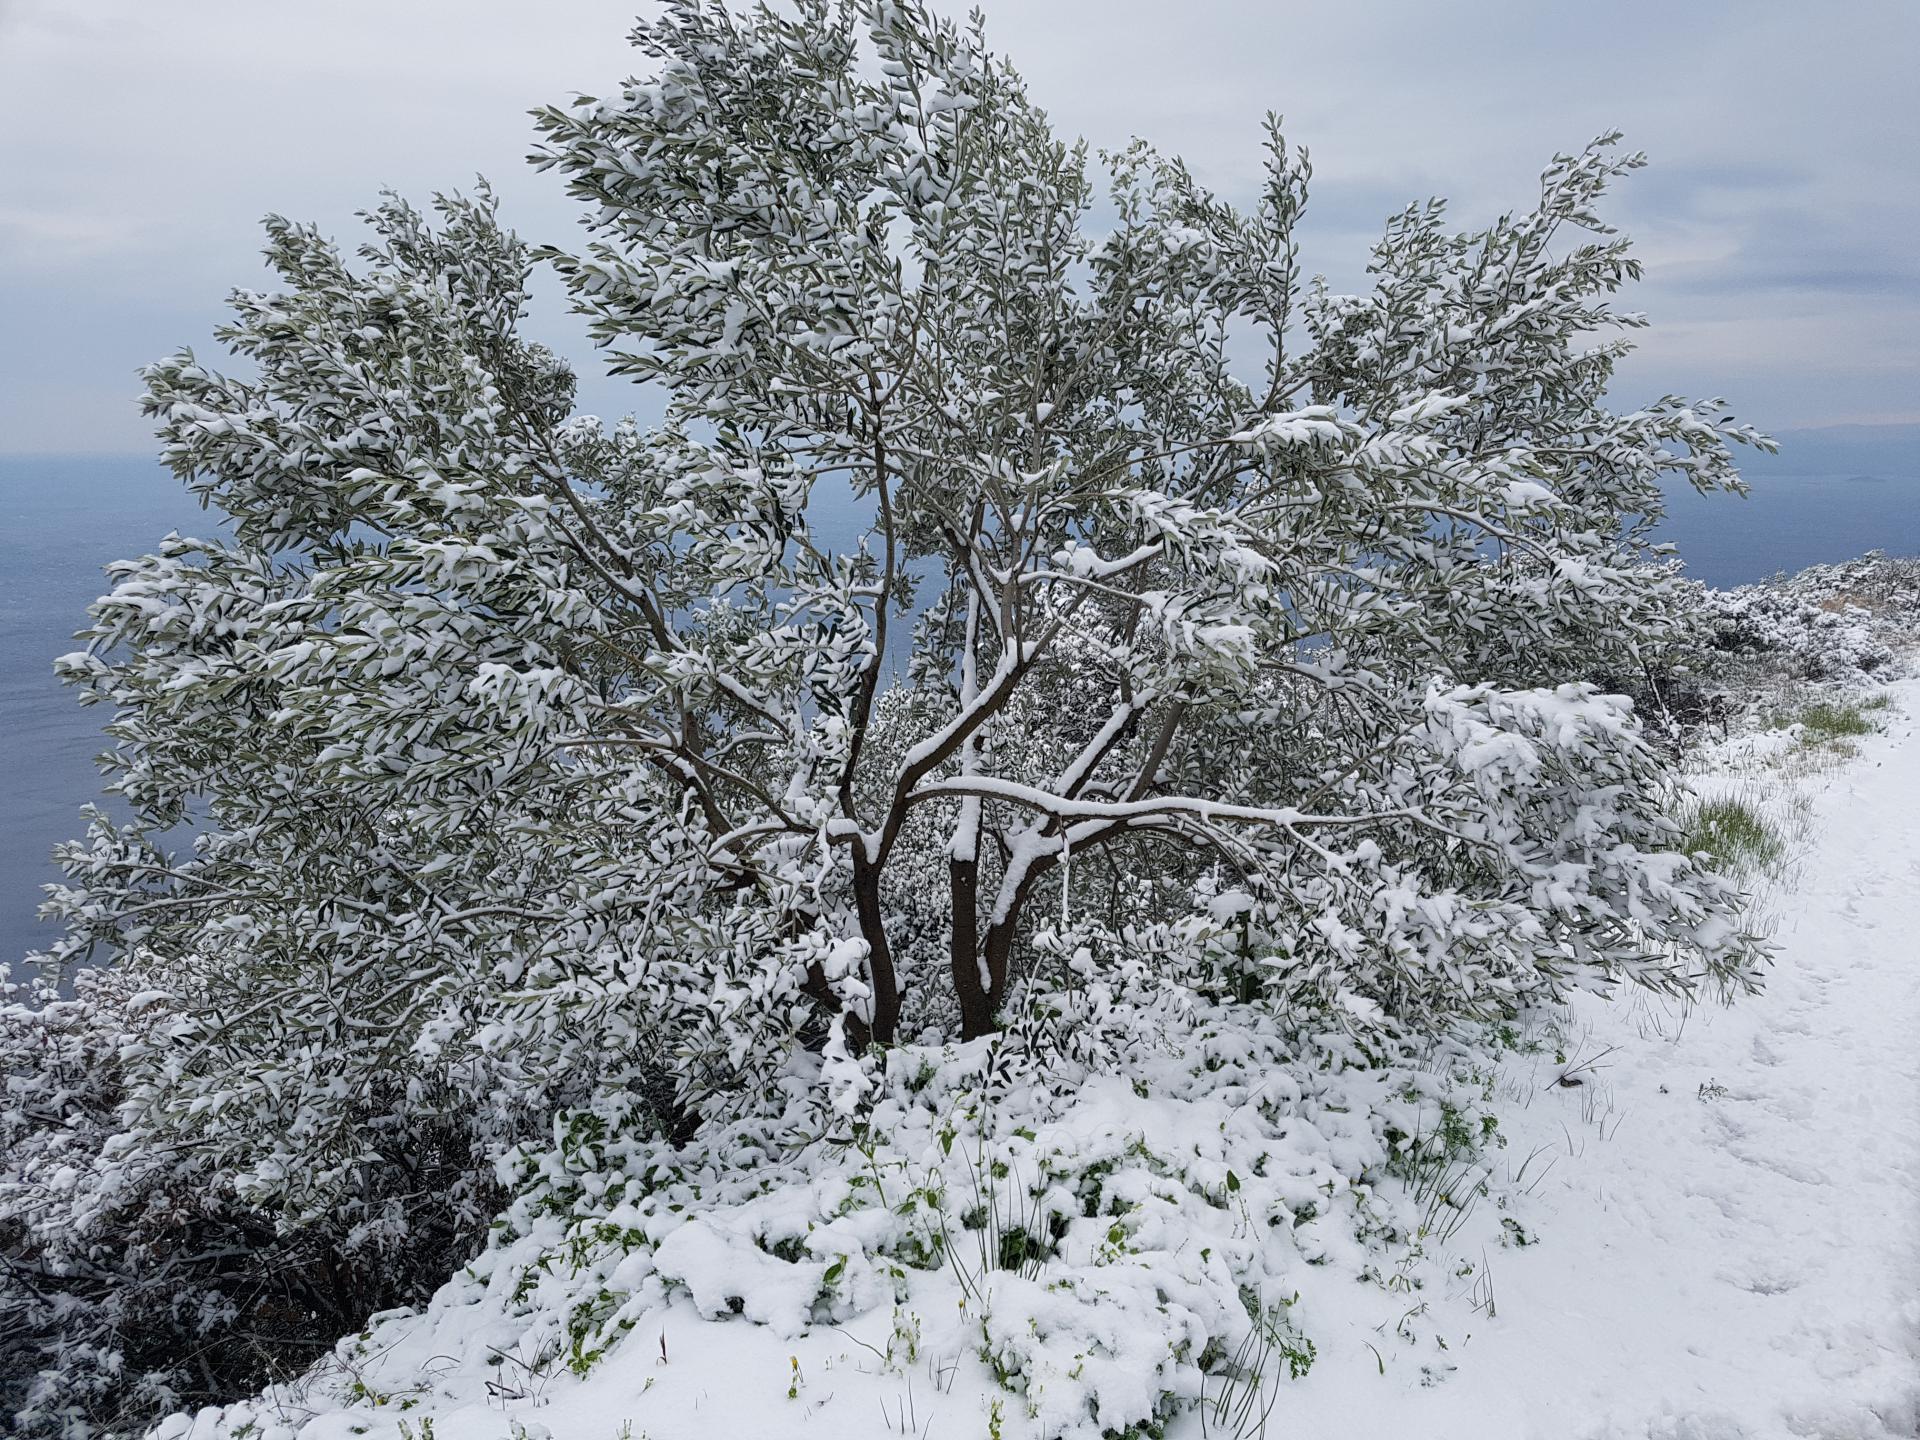 Maslina pod snijegom na Pelješcu, posljednjih dana ove veljače